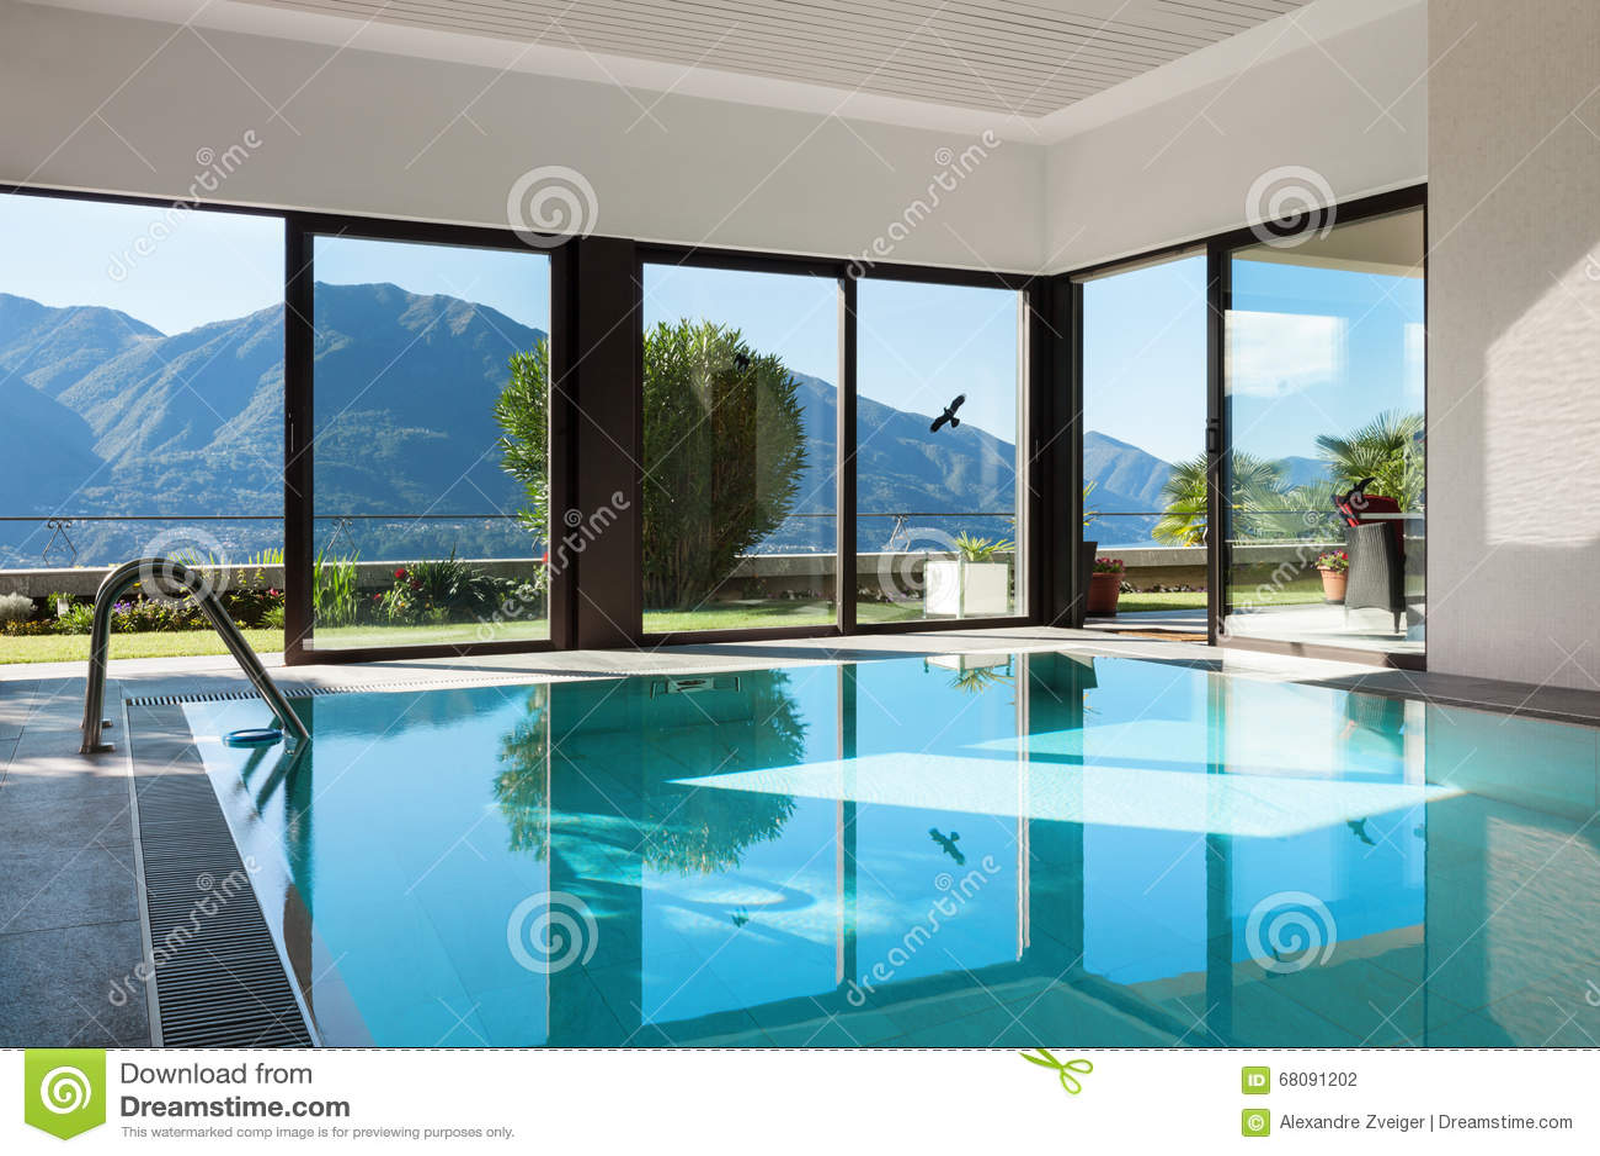 Huis binnen zwembad stock foto afbeelding bestaande uit gezond 68091202 - Zwembad huis ...